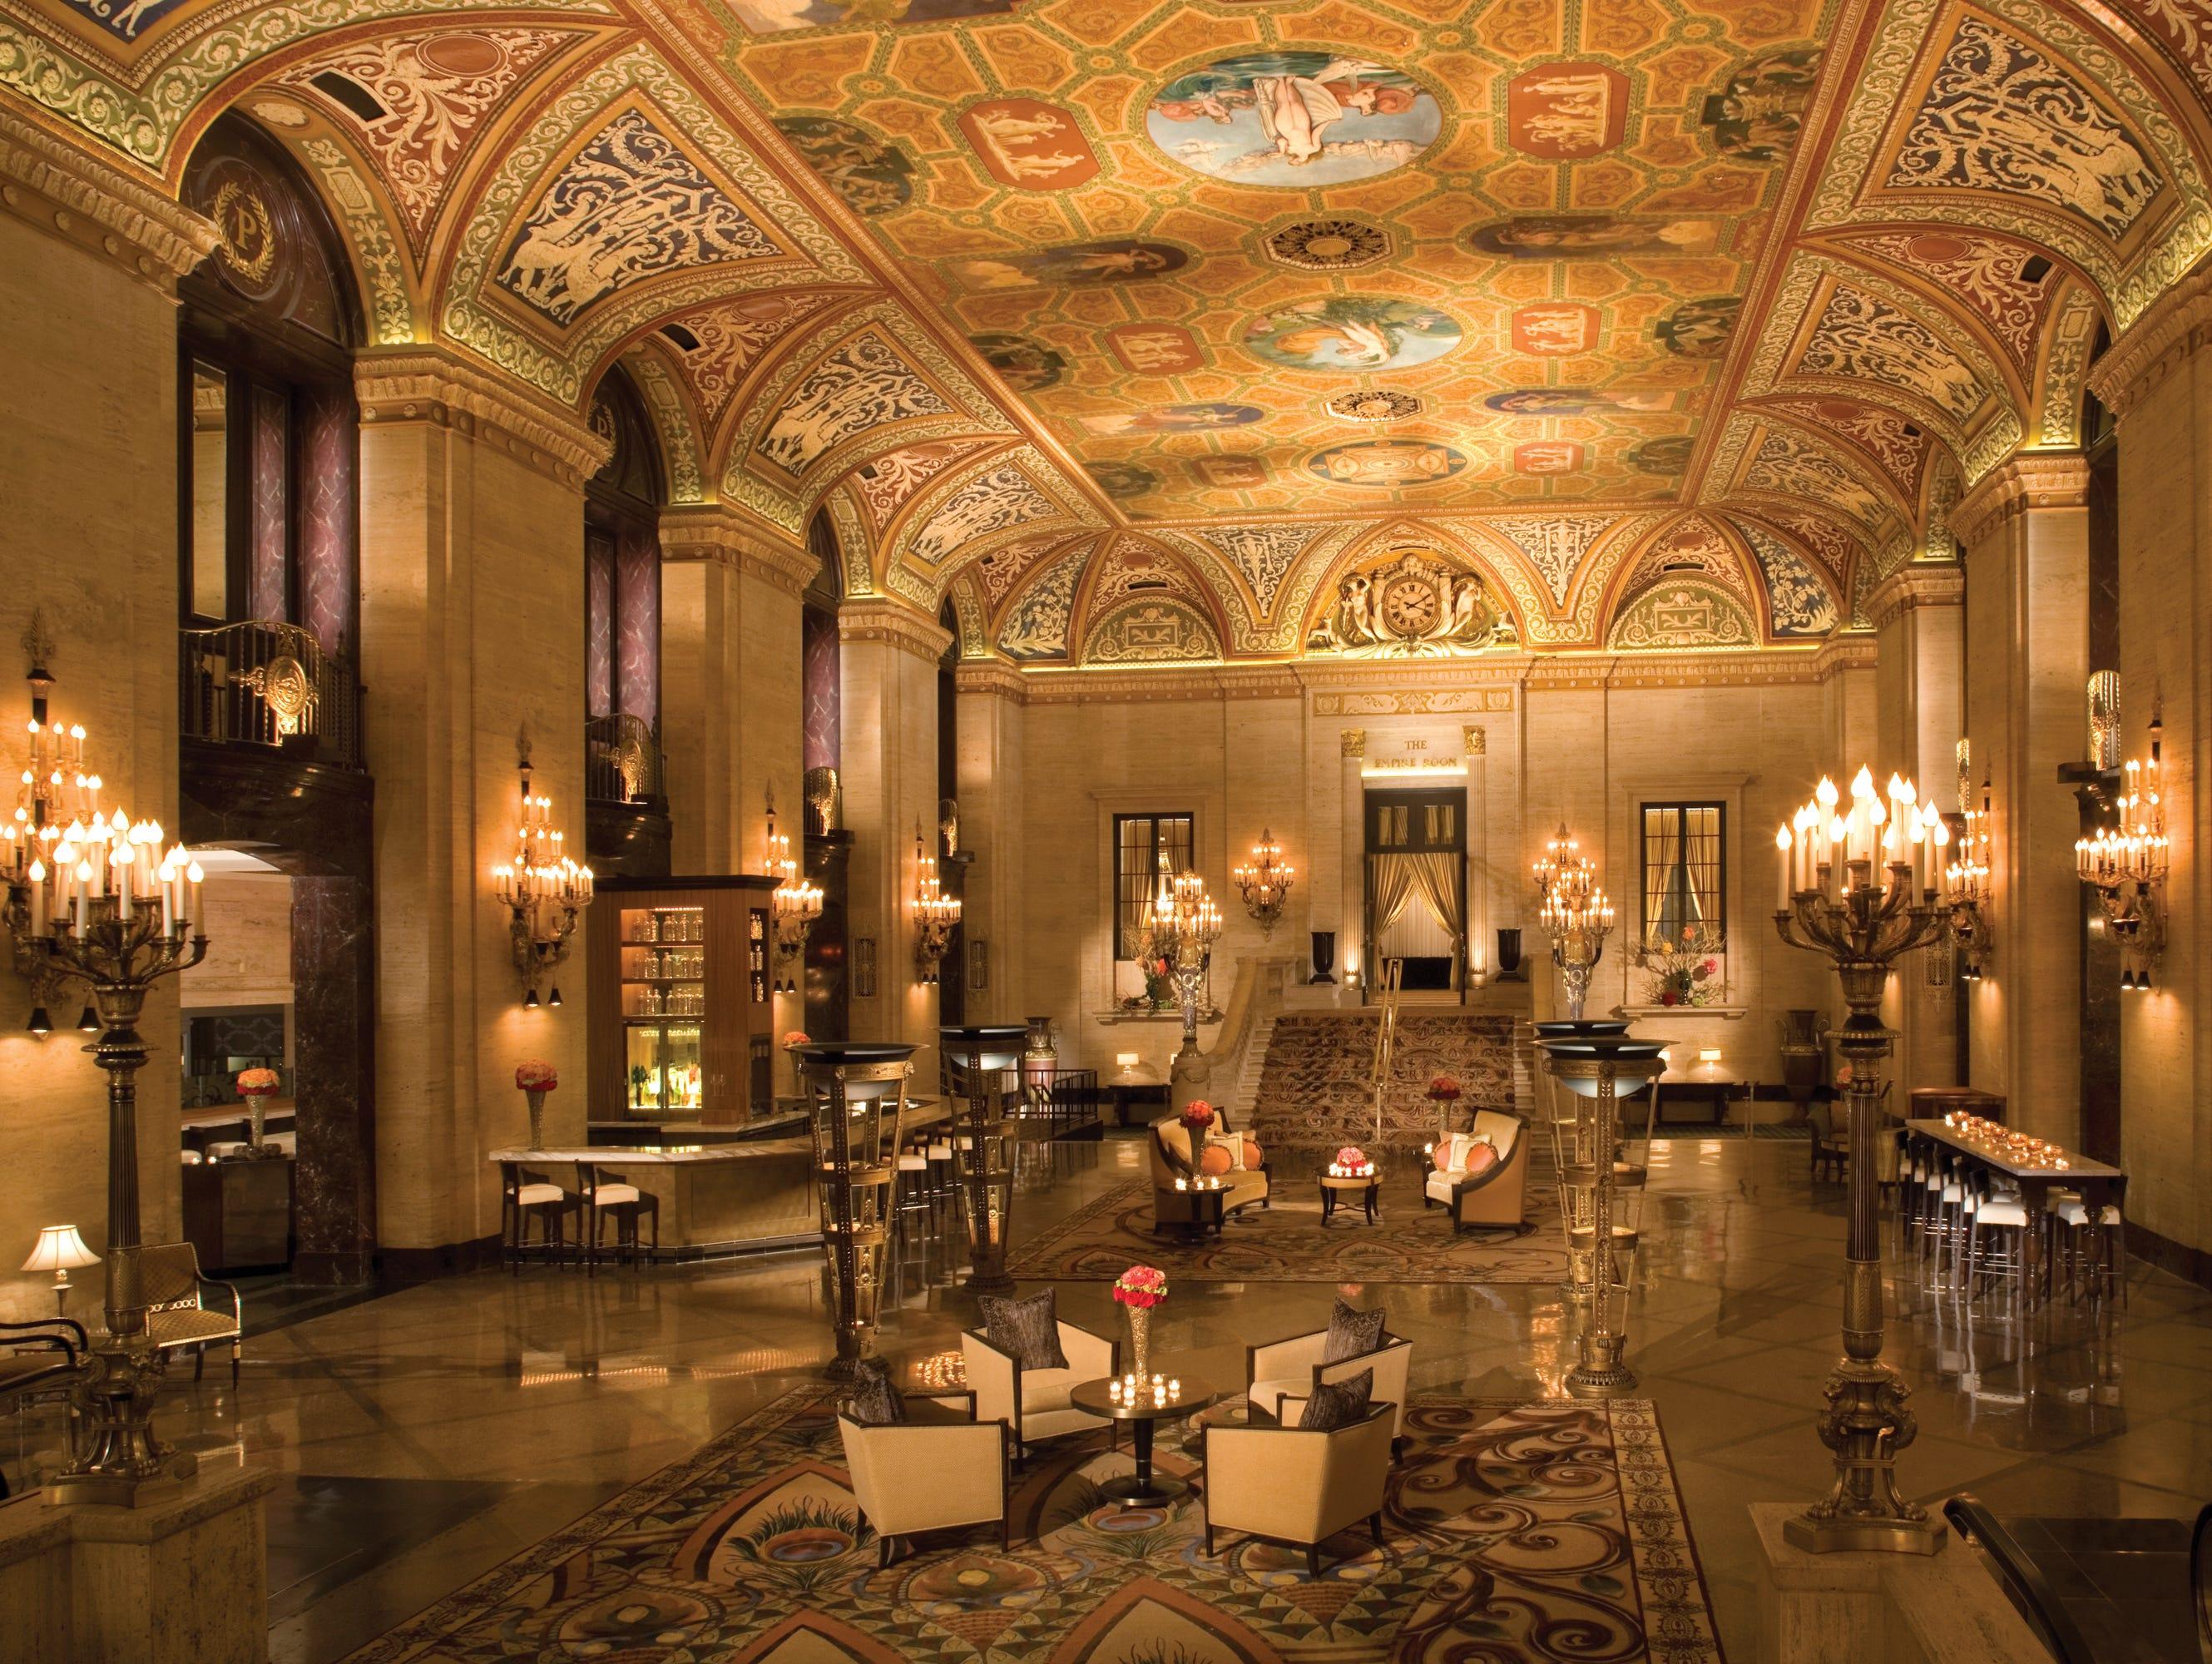 Splashiest Hotel Lobbies